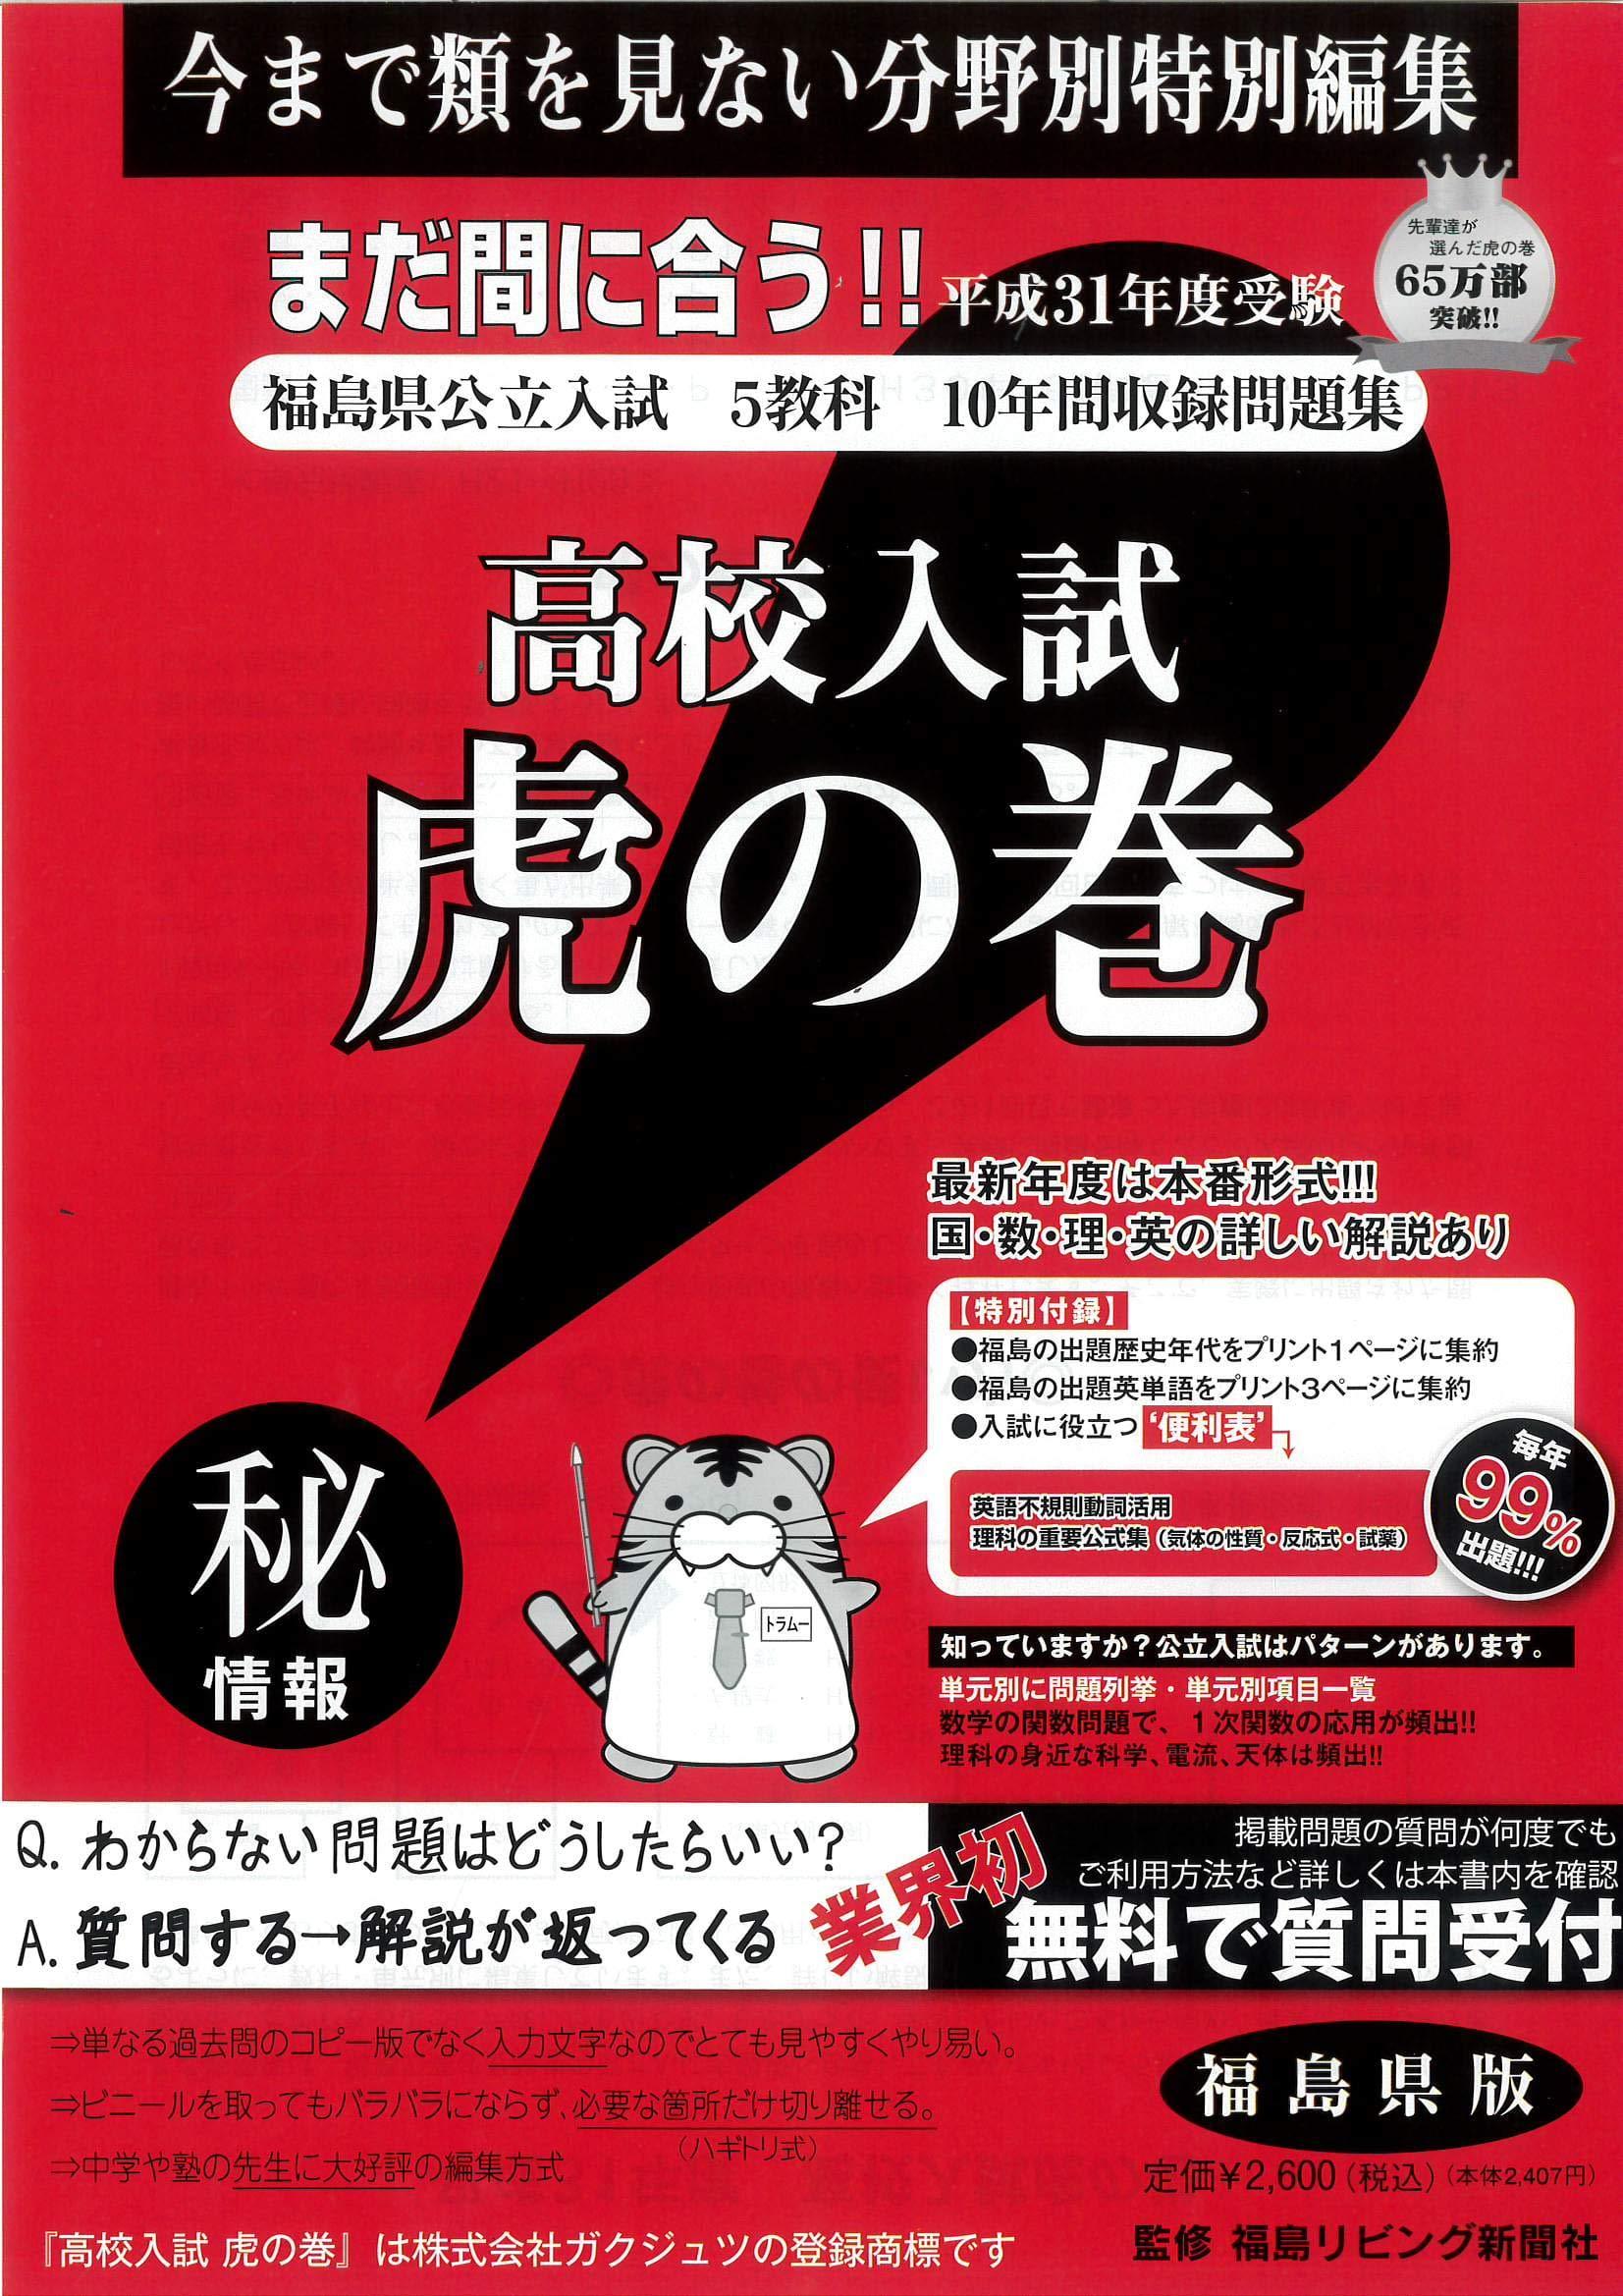 福島 県 高校 合格 発表